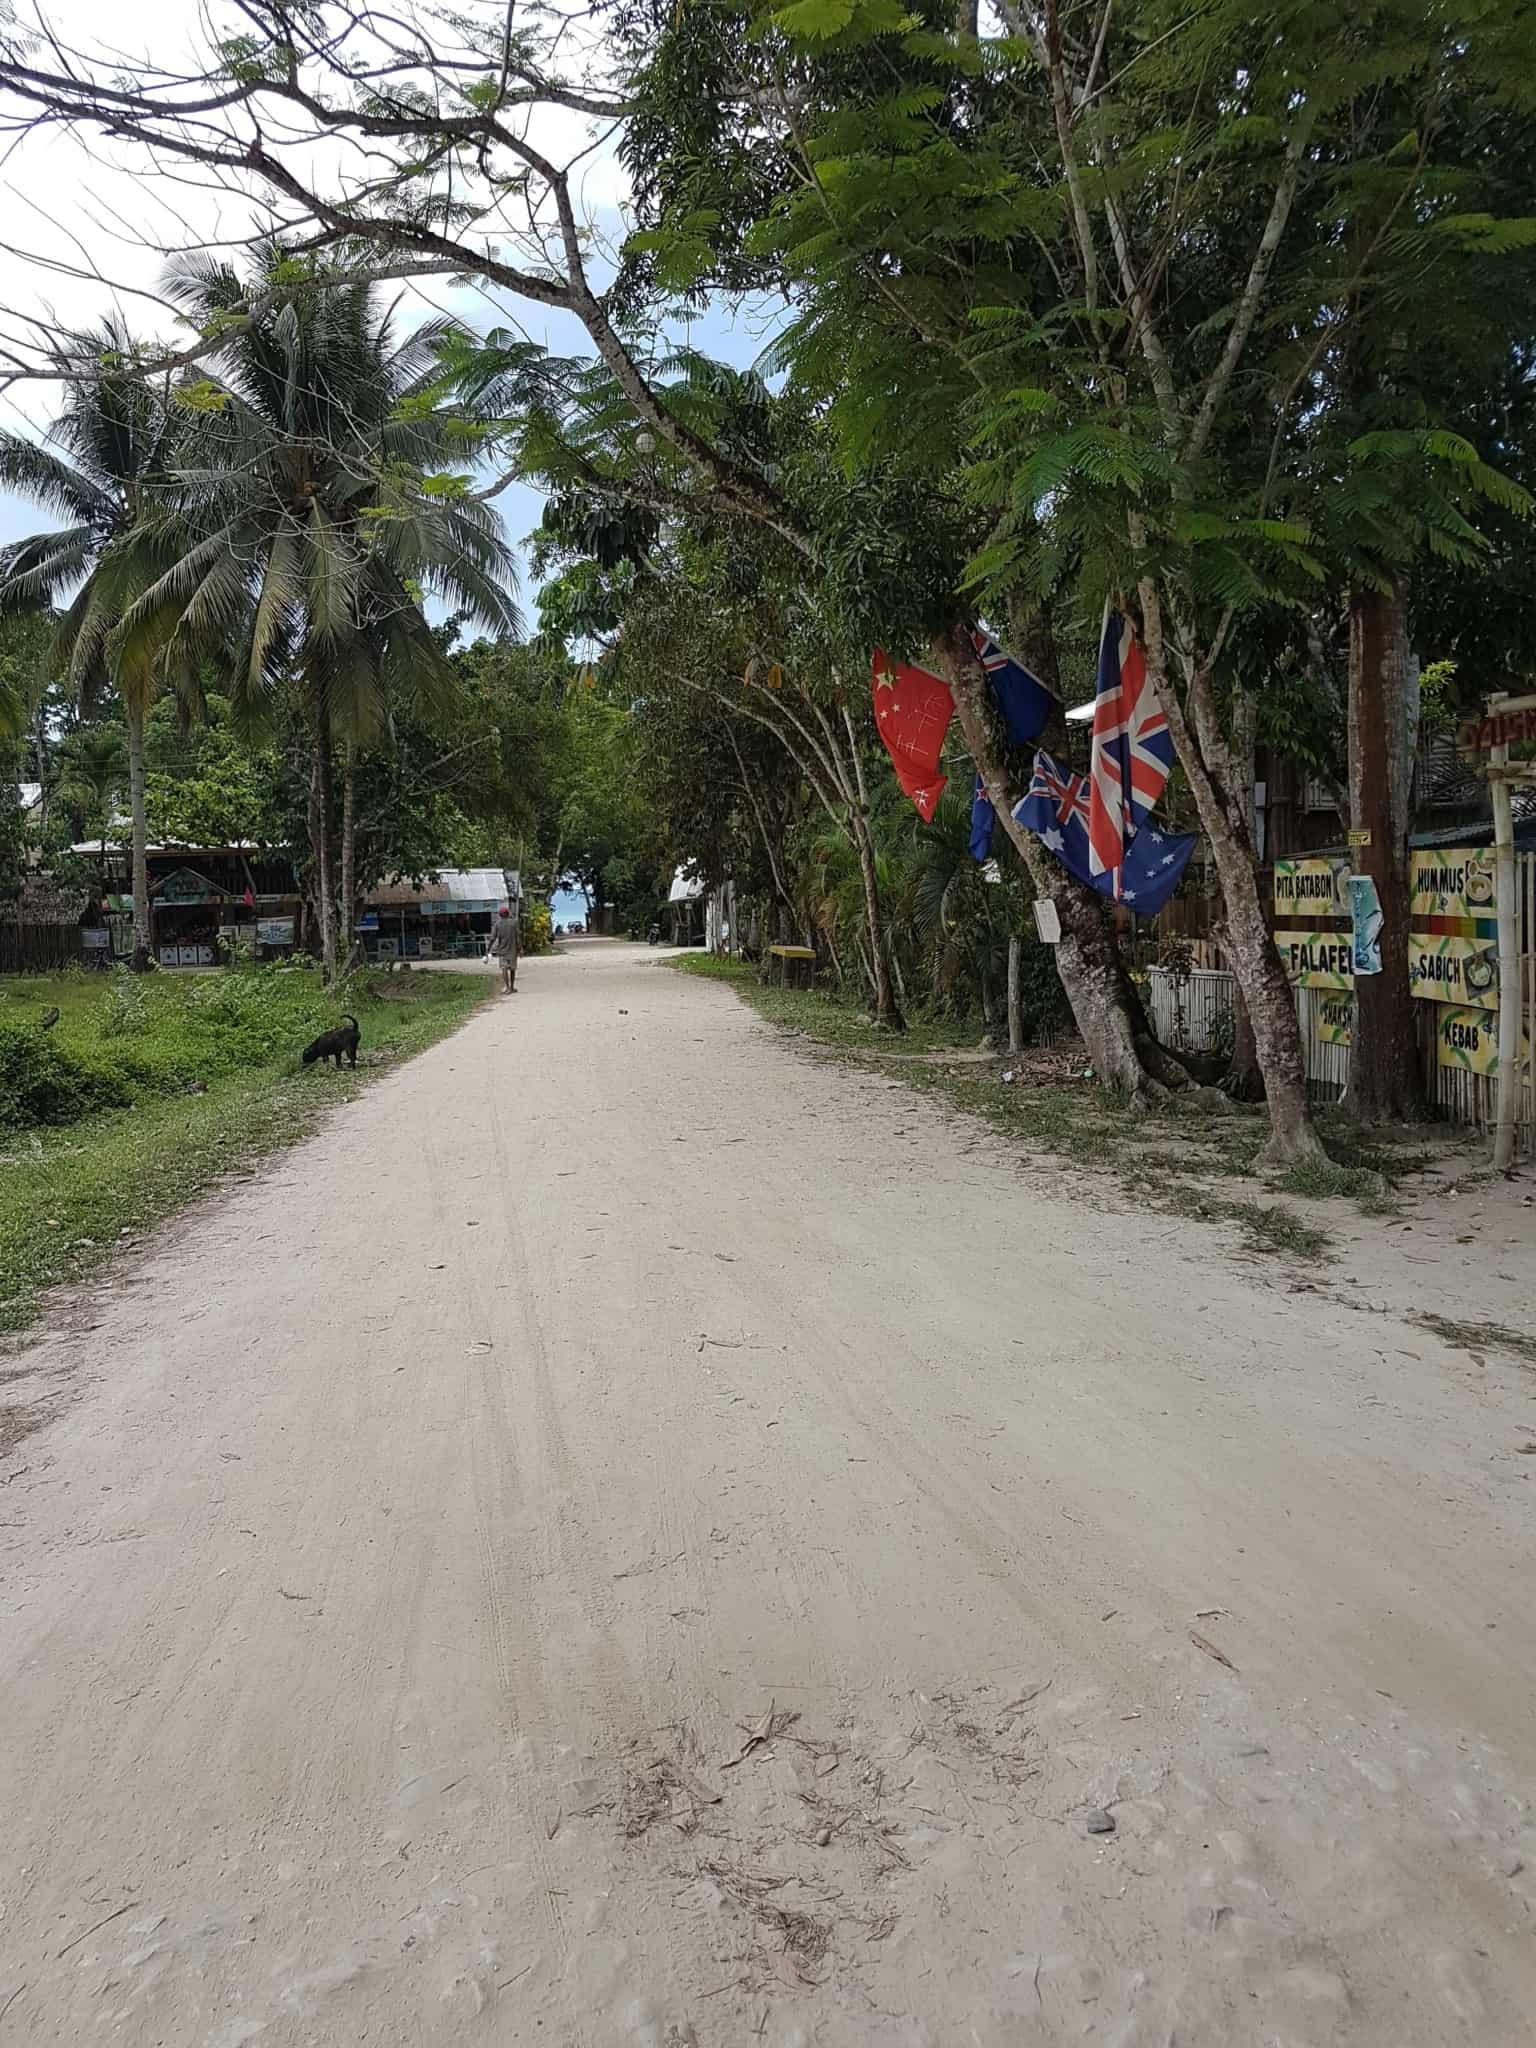 Philippines, comment je me suis retrouvée seule sur une île déserte 🧜♀️ 8